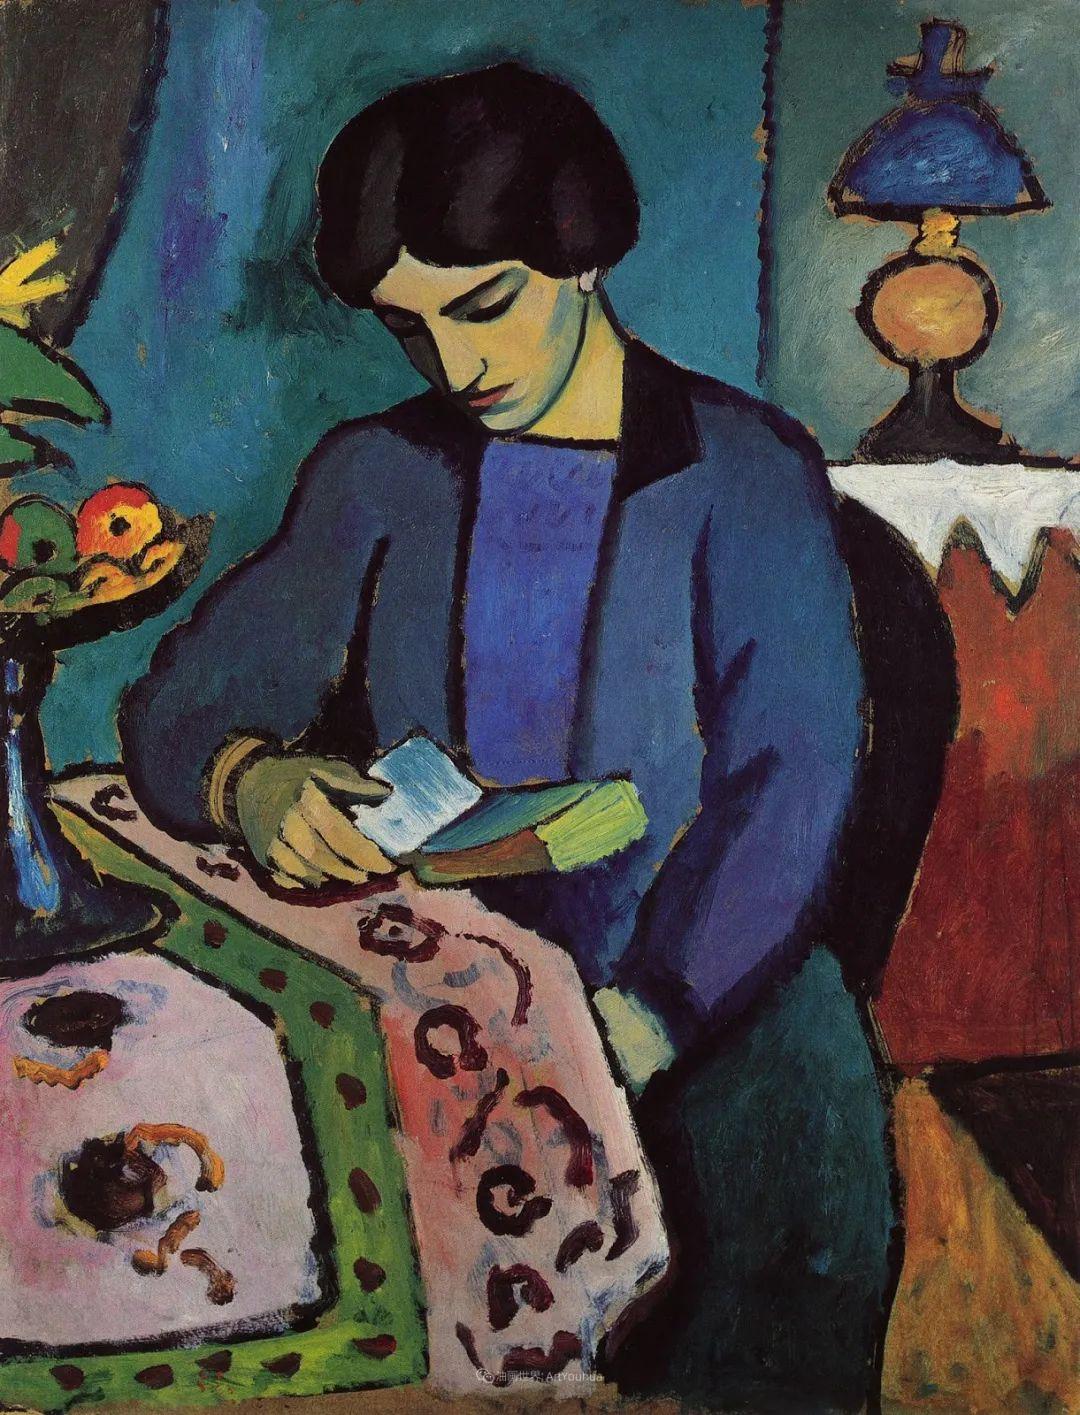 画面色彩的力量,德国表现主义画家奥古斯特·马克插图23